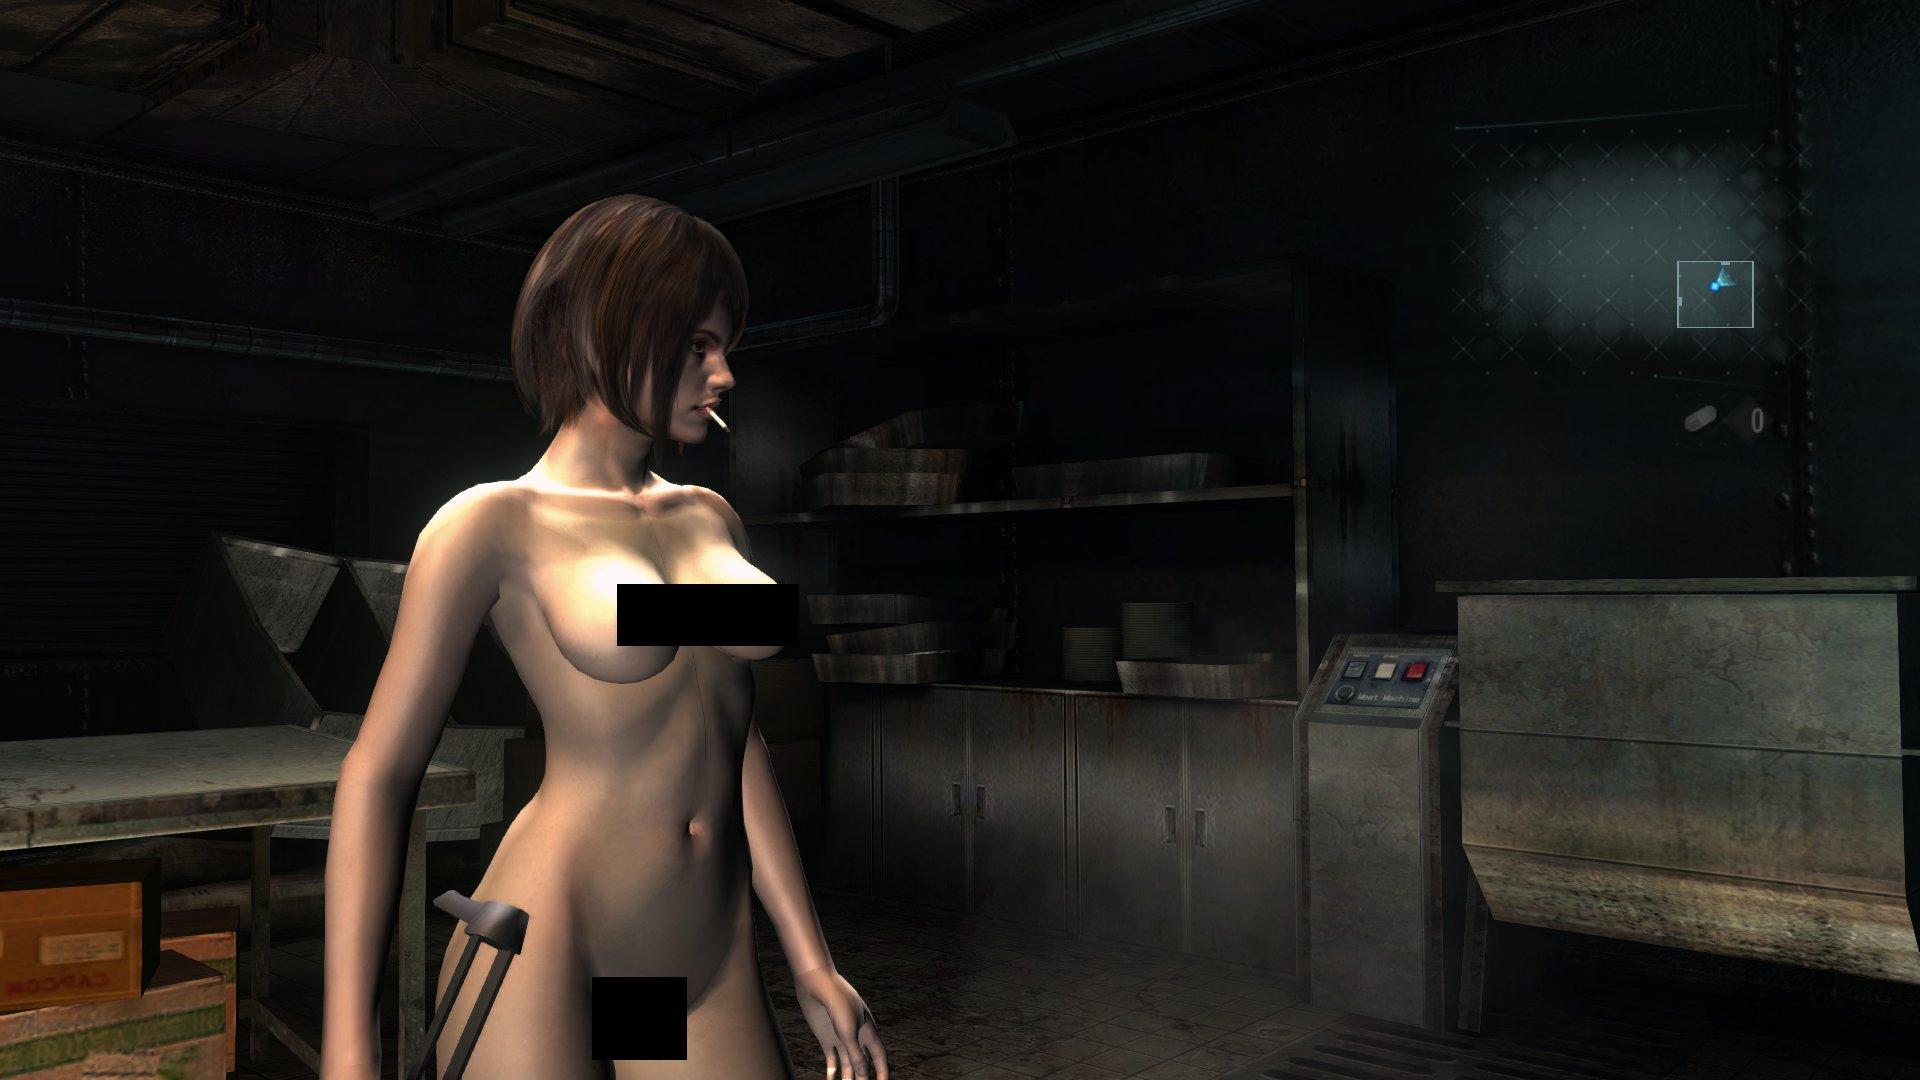 resident evil nude mods jpg 1500x1000